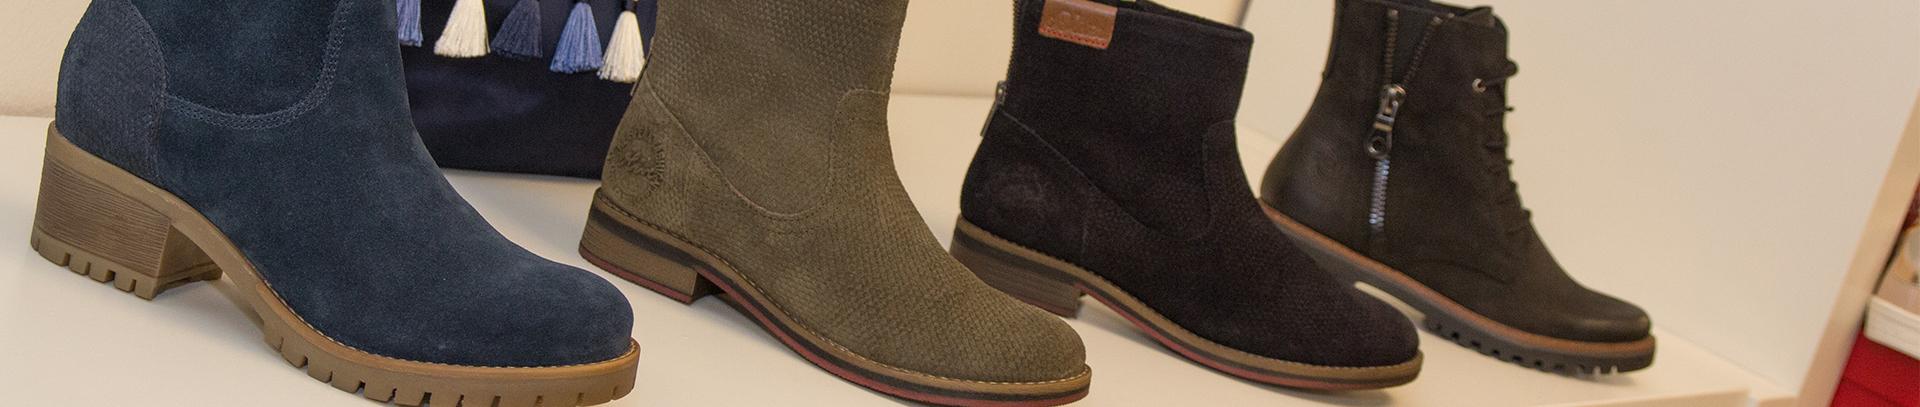 schoenen-slider-2